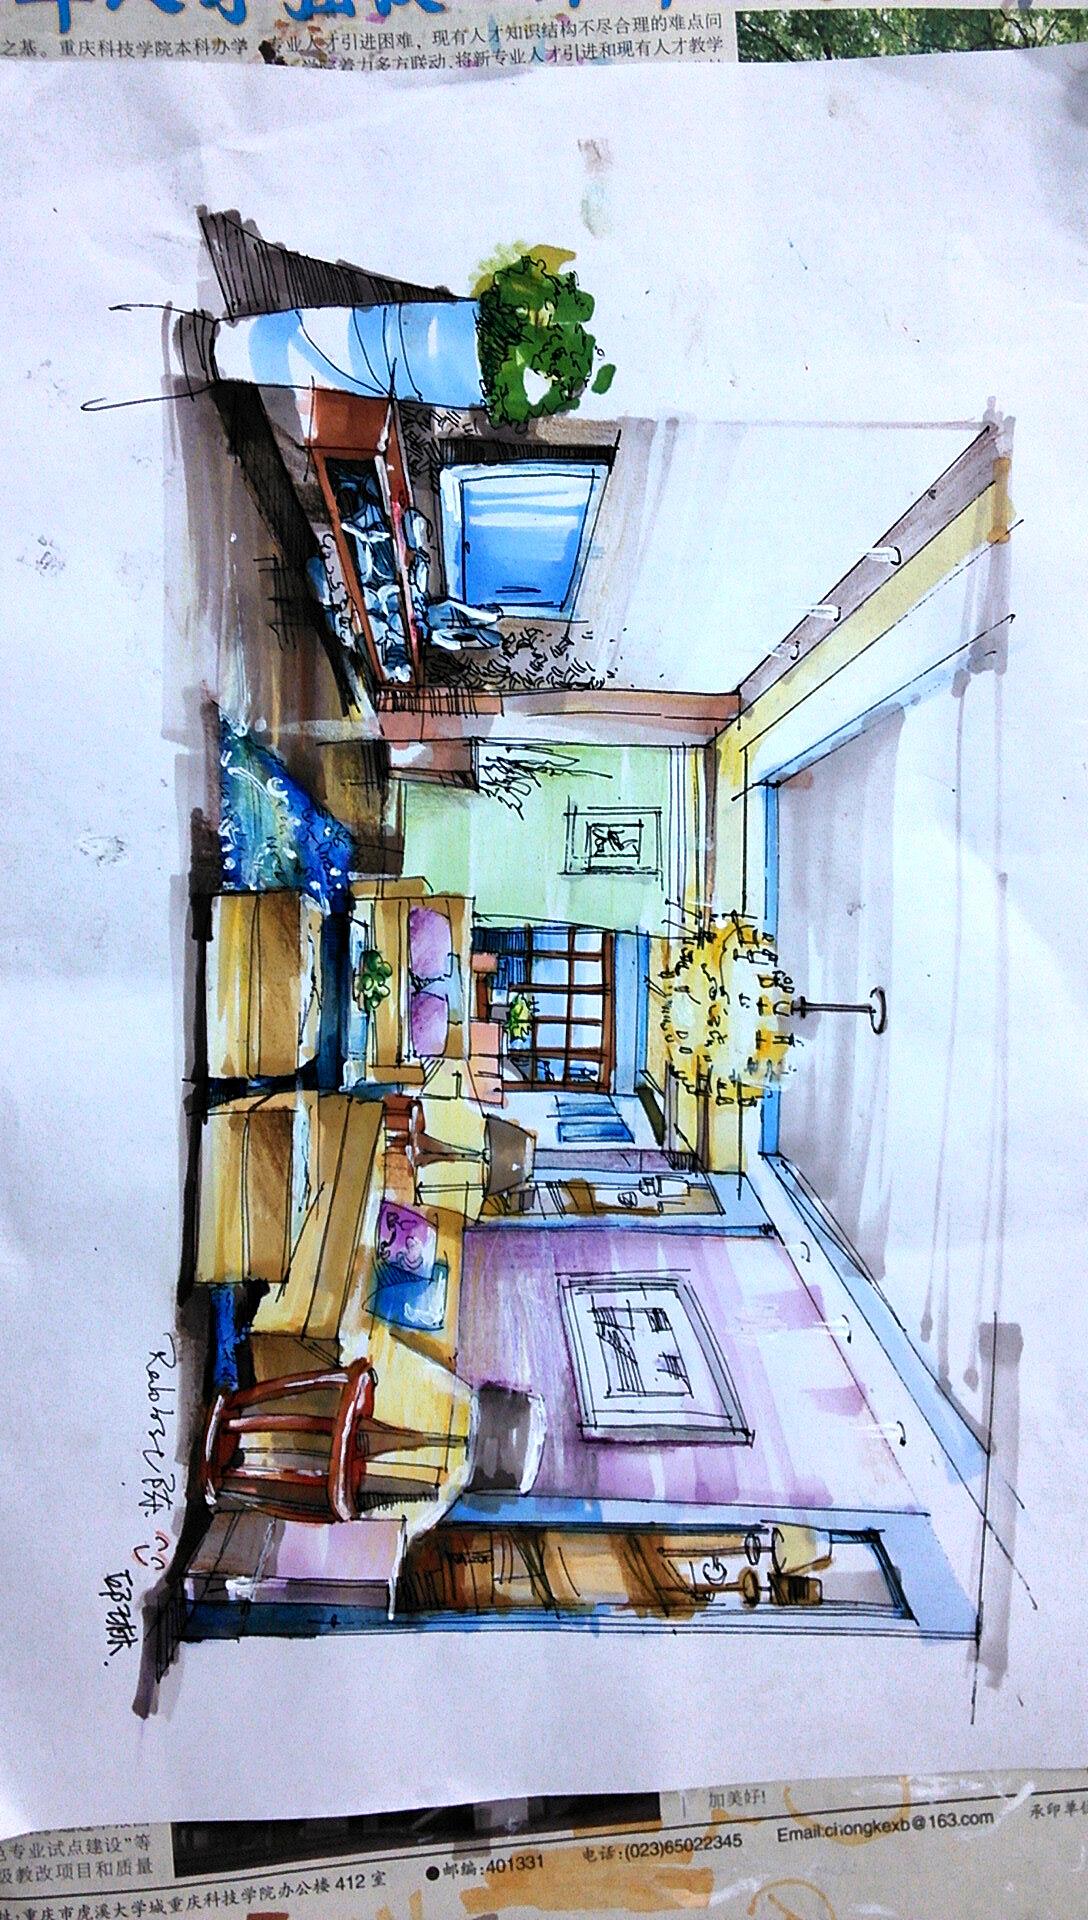 室内手绘图|空间|室内设计|兎美酱酱酱 - 原创作品